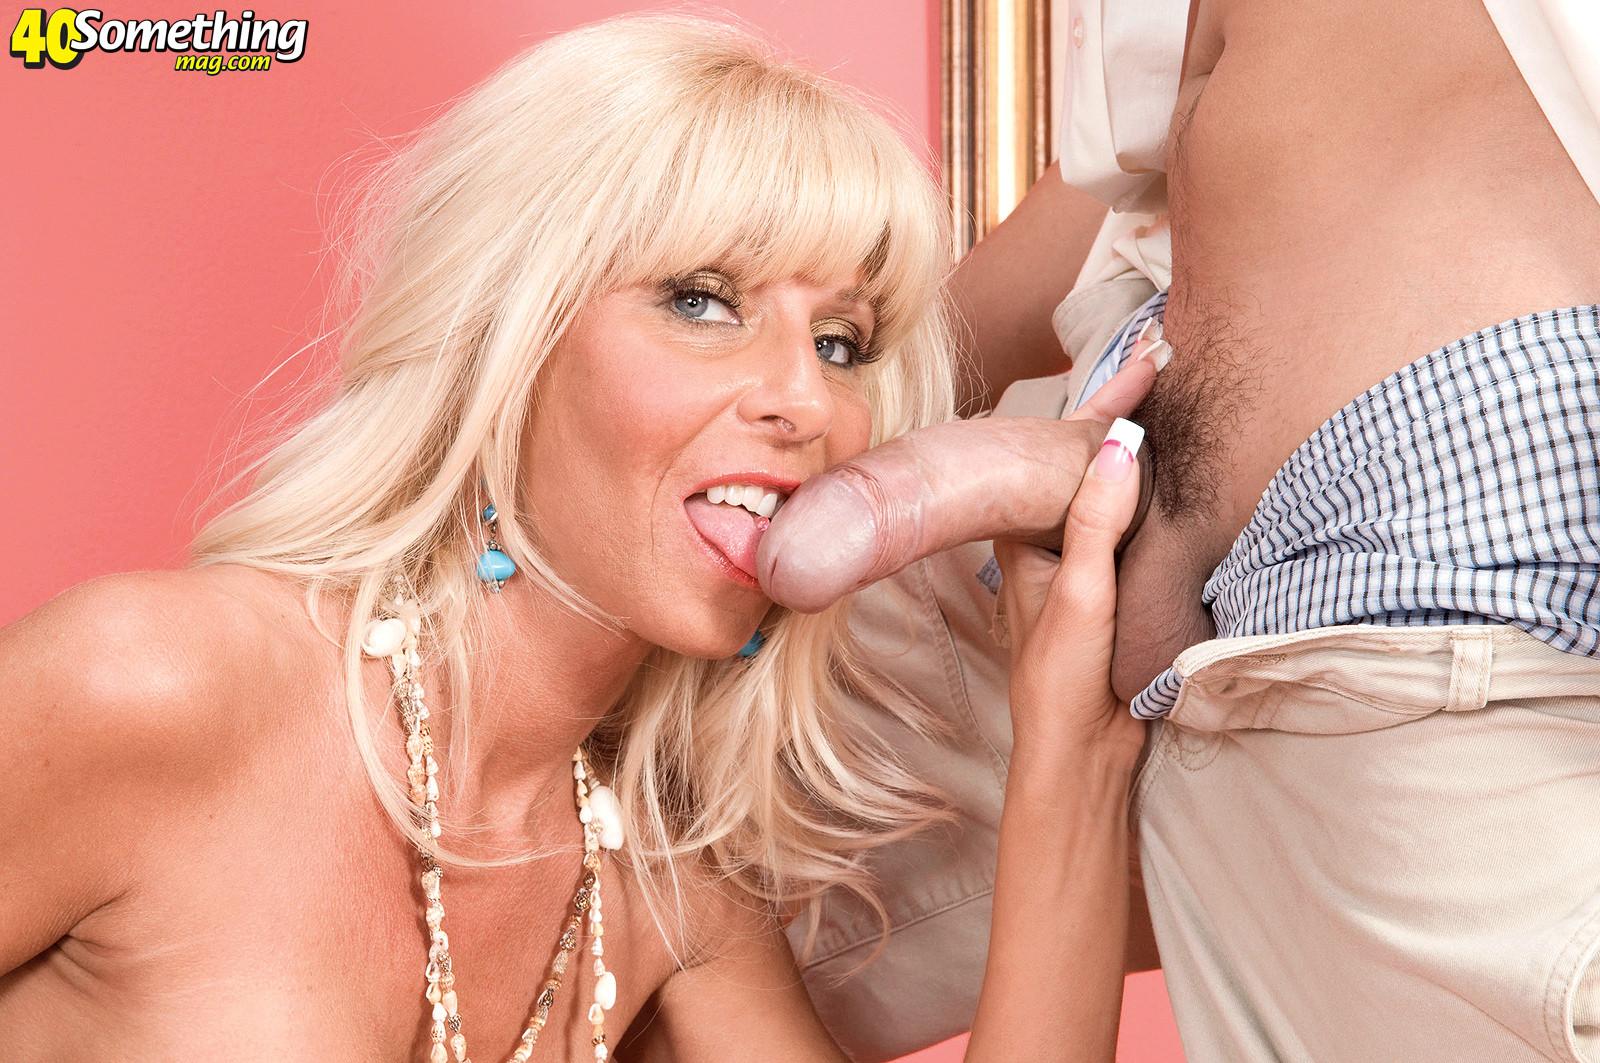 Пожилая блондинка все еще умеет возбуждать и получать удовольствие от секса